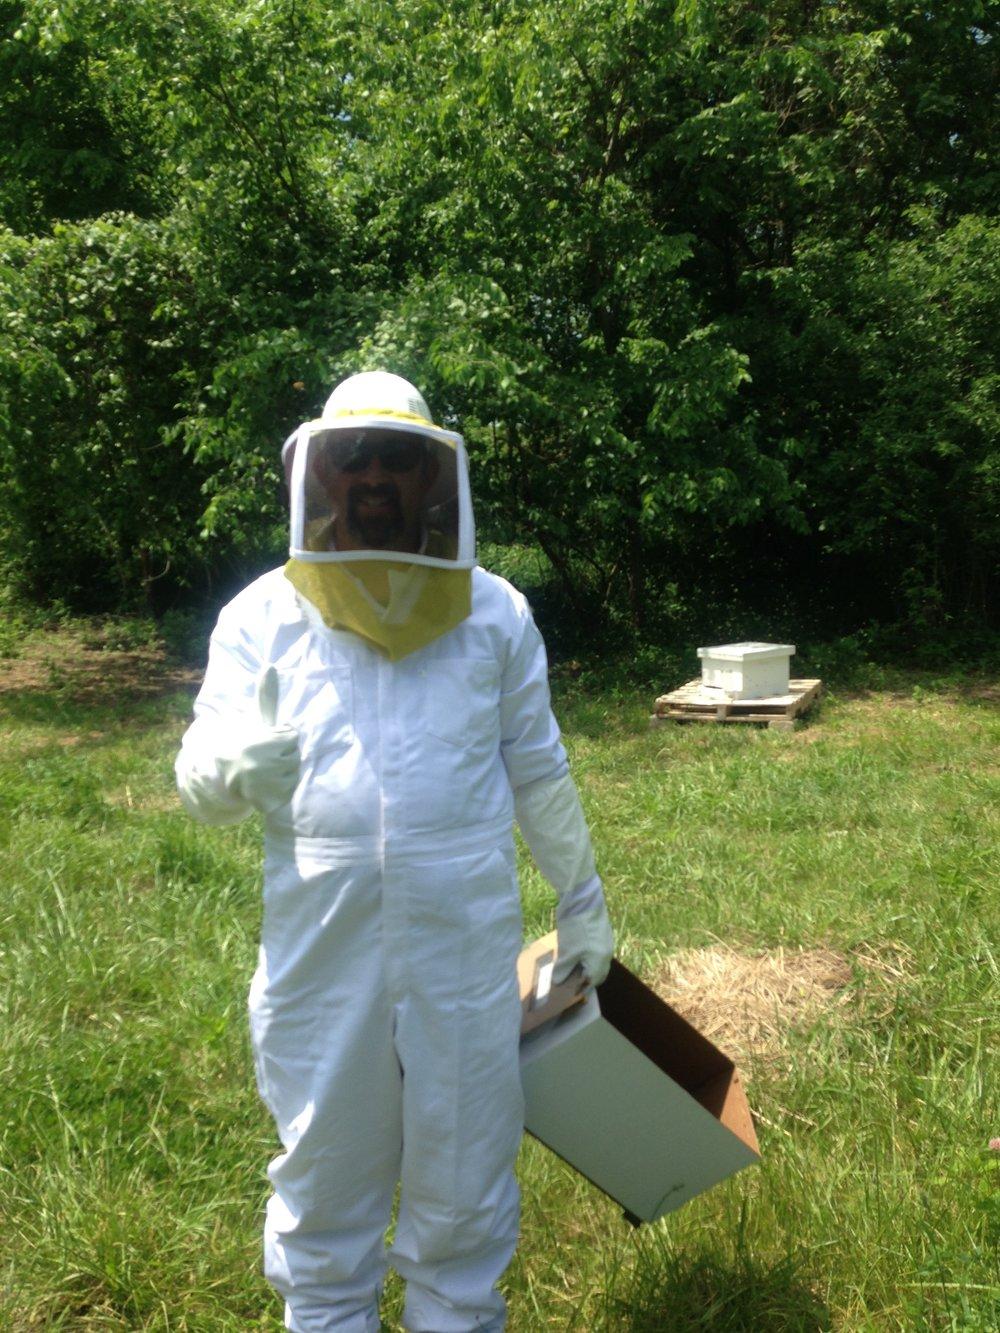 jowler-creek-sustainable-winery-bees.jpg